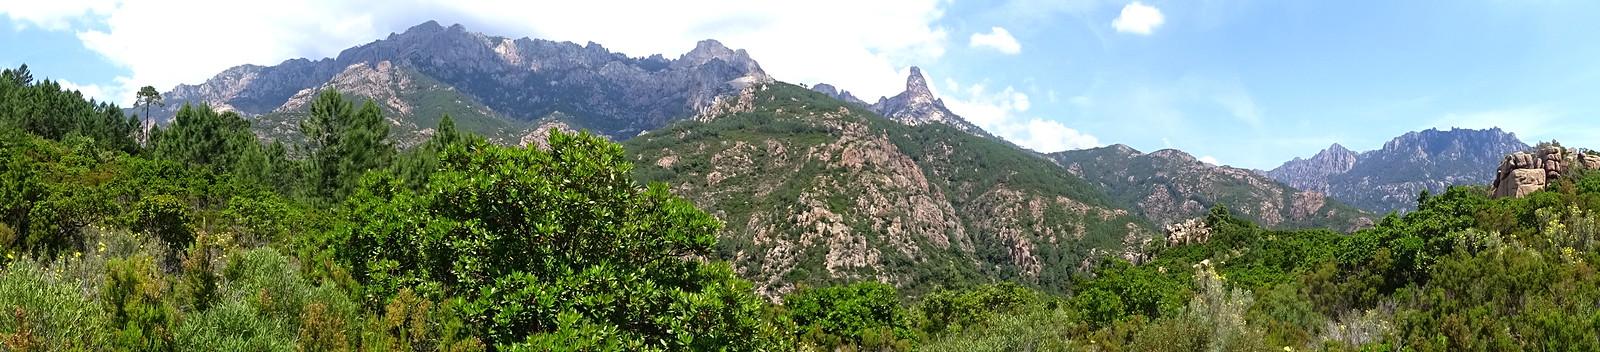 Au col intermédiaire 490m entre les deux montées : Panoramique